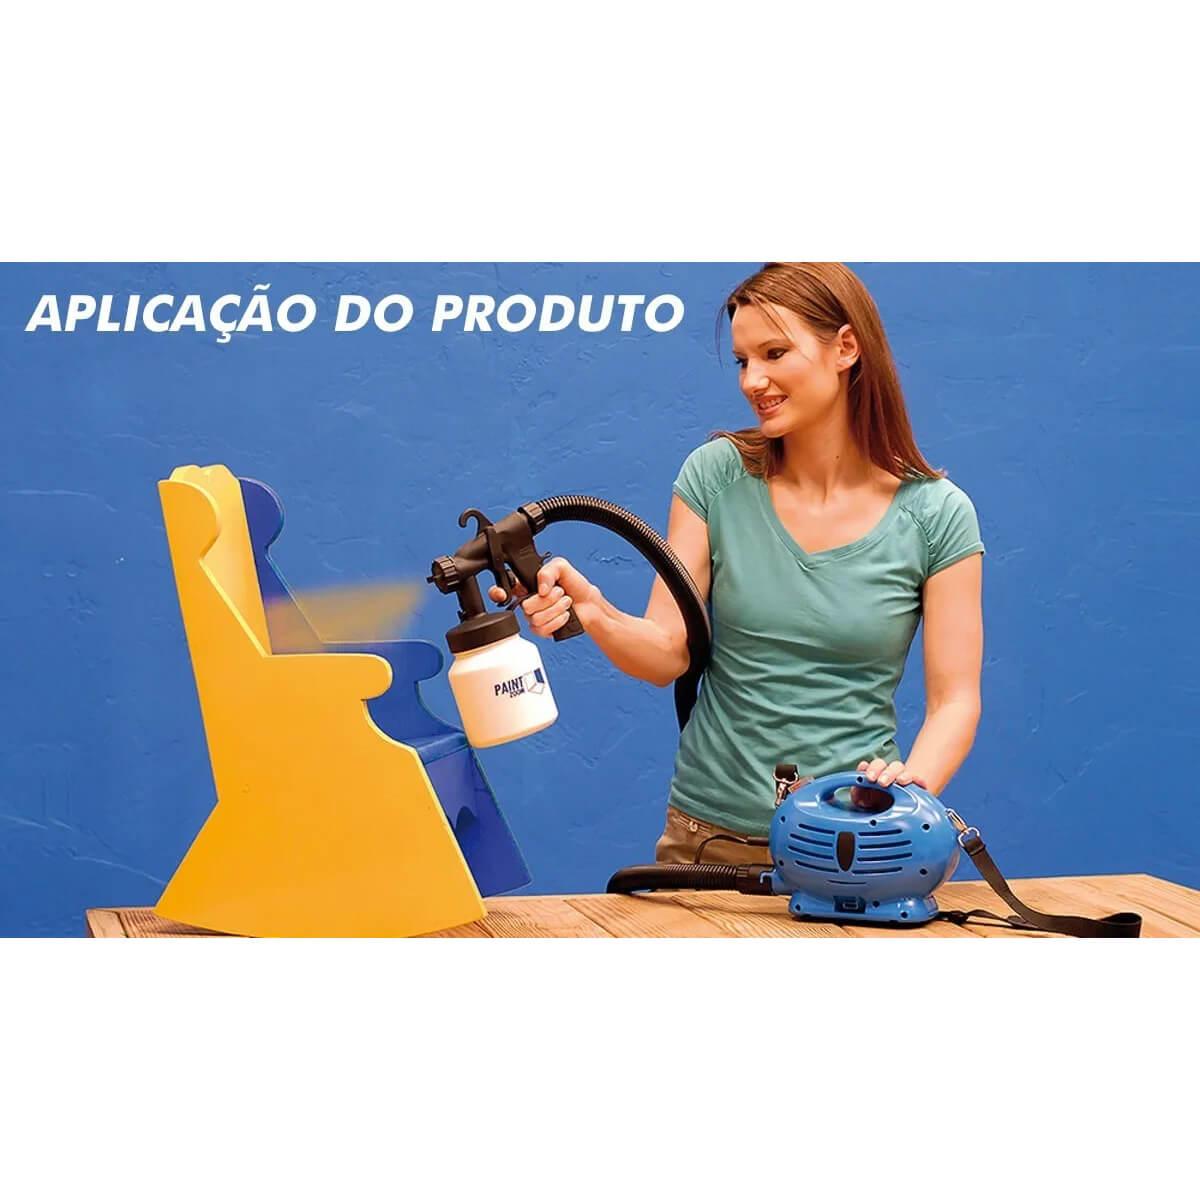 Pistola de Pintura Elétrica Mangueira com Compressor 110v Poliparts